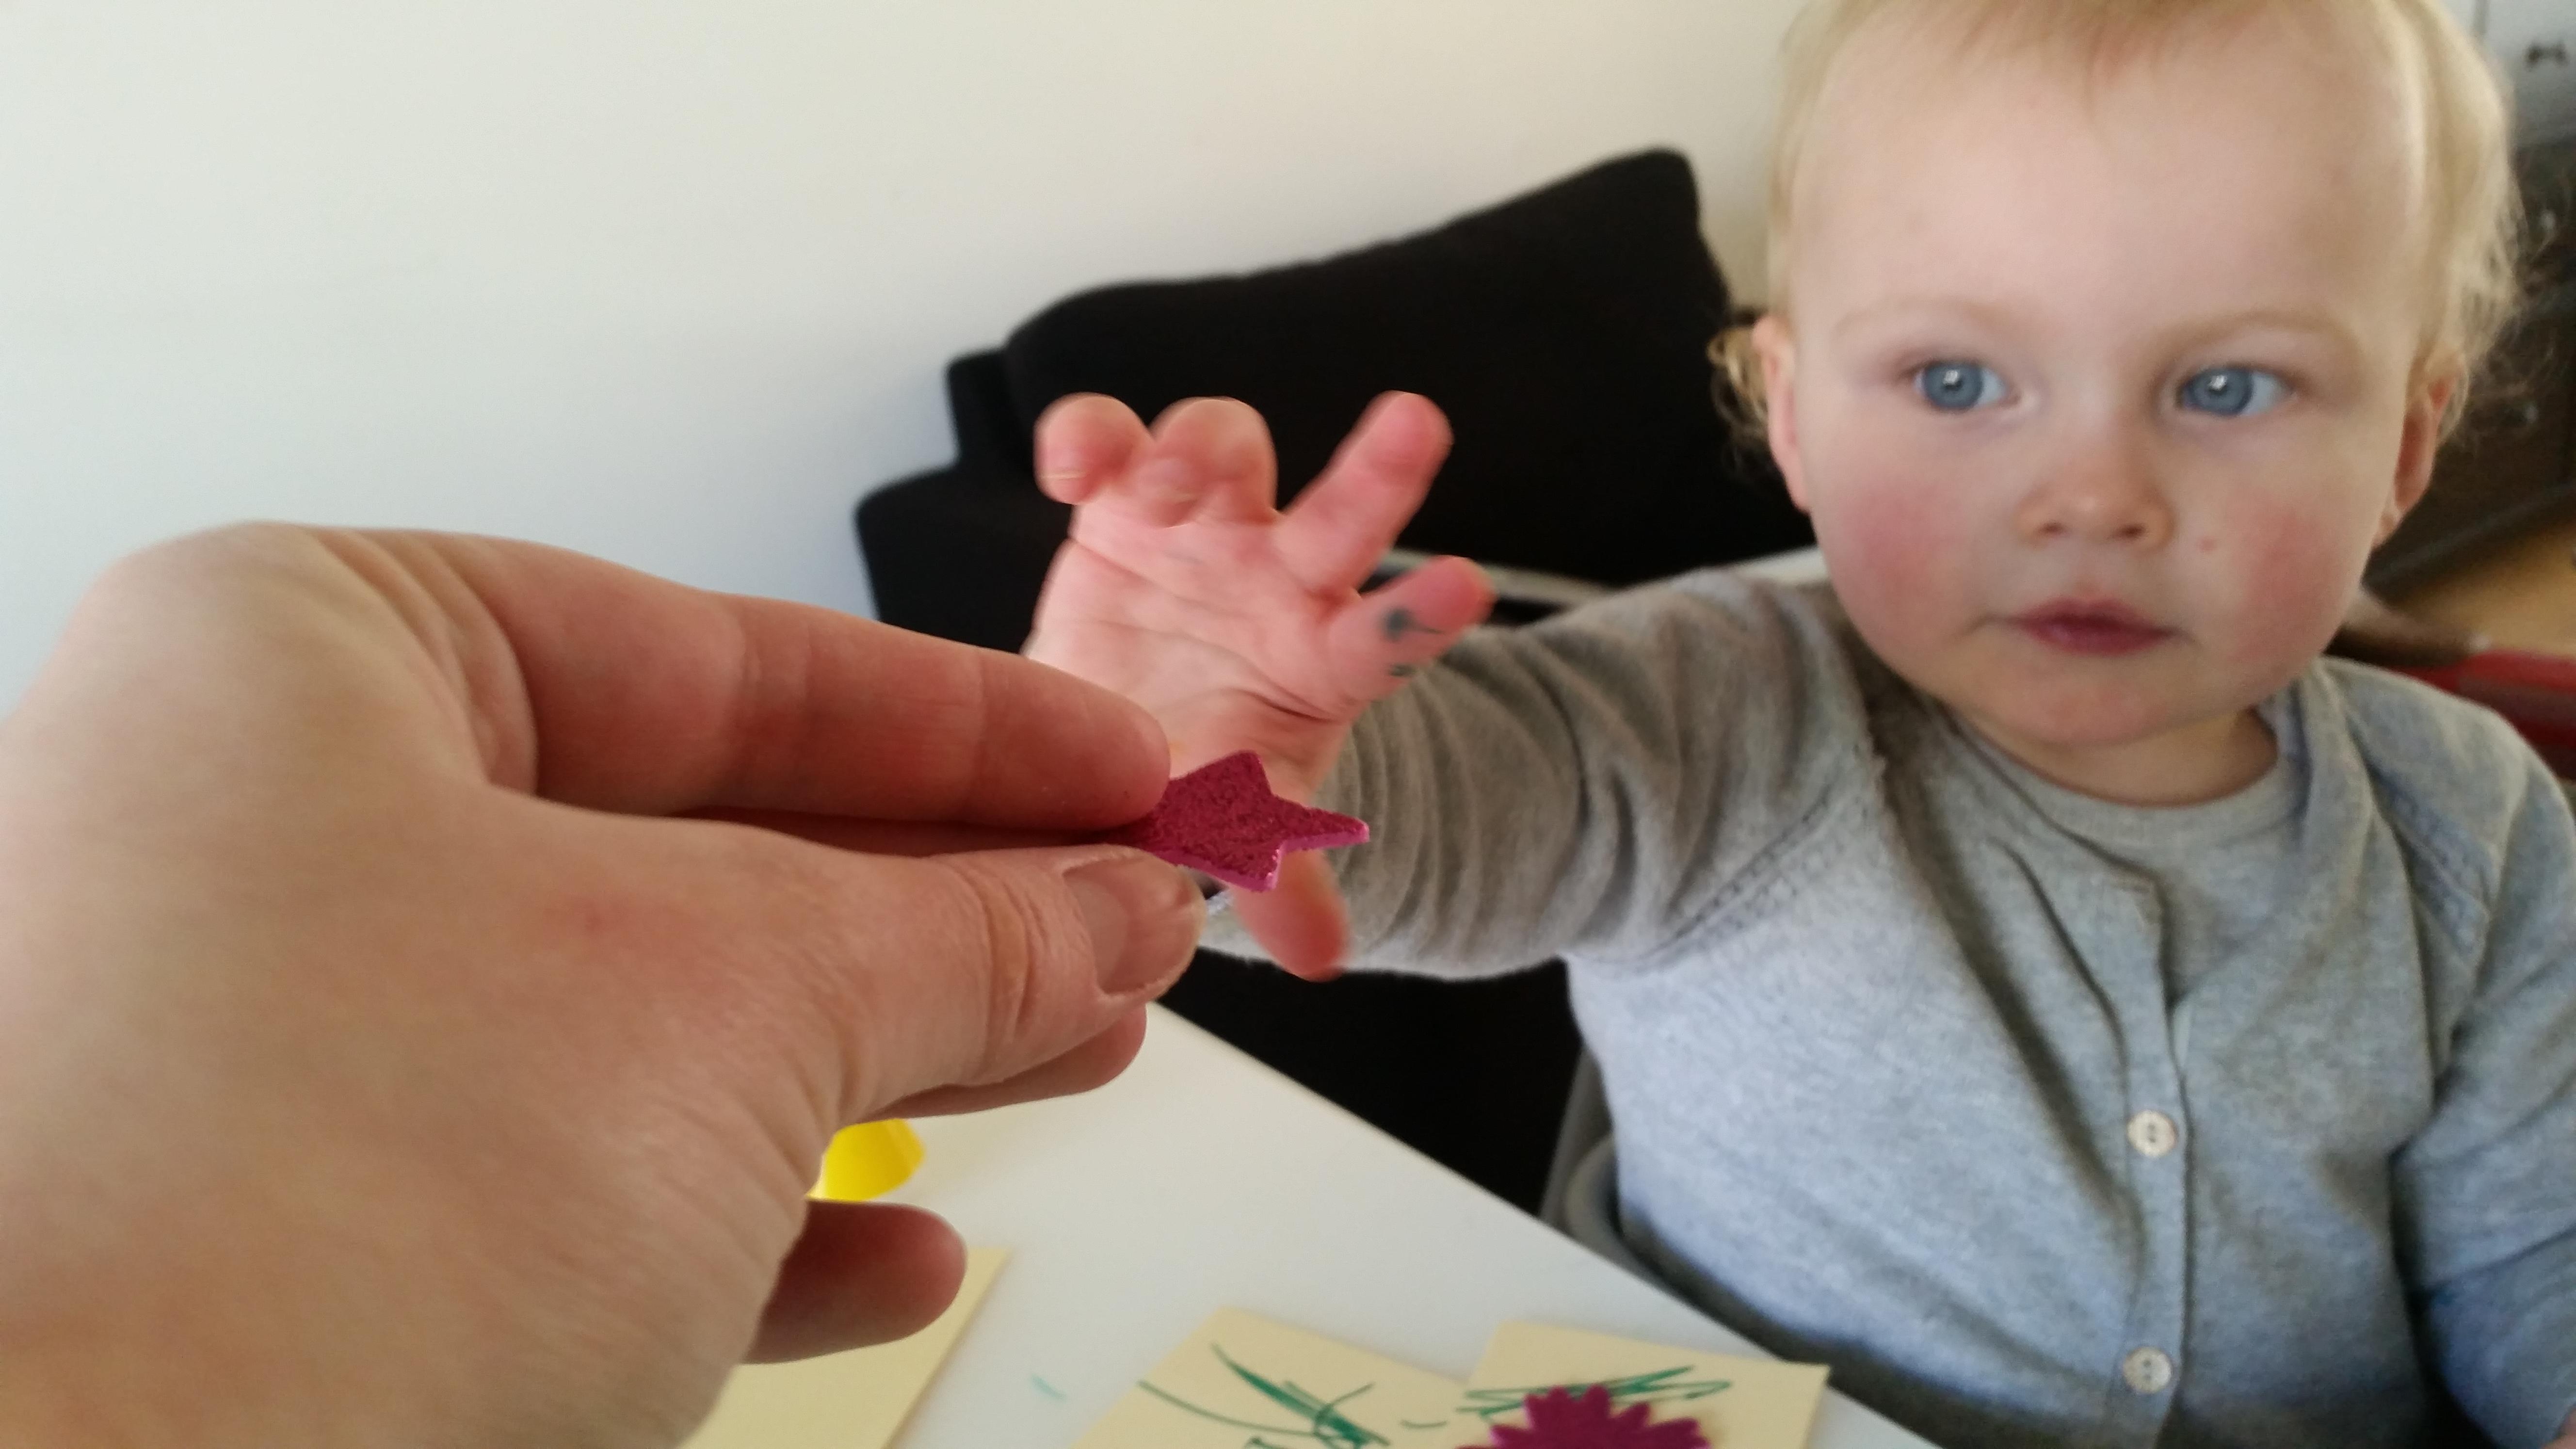 4-16-bellenblaas-traktatie-trakteren-creatief-vlinder-samen-dreumes-zelf-tekenen-kleuren-stiften-nijntje-stickers-hema-action-stickeren-Nola-mooi-kinderdagverblijf-creche-verhuizen-afscheid-